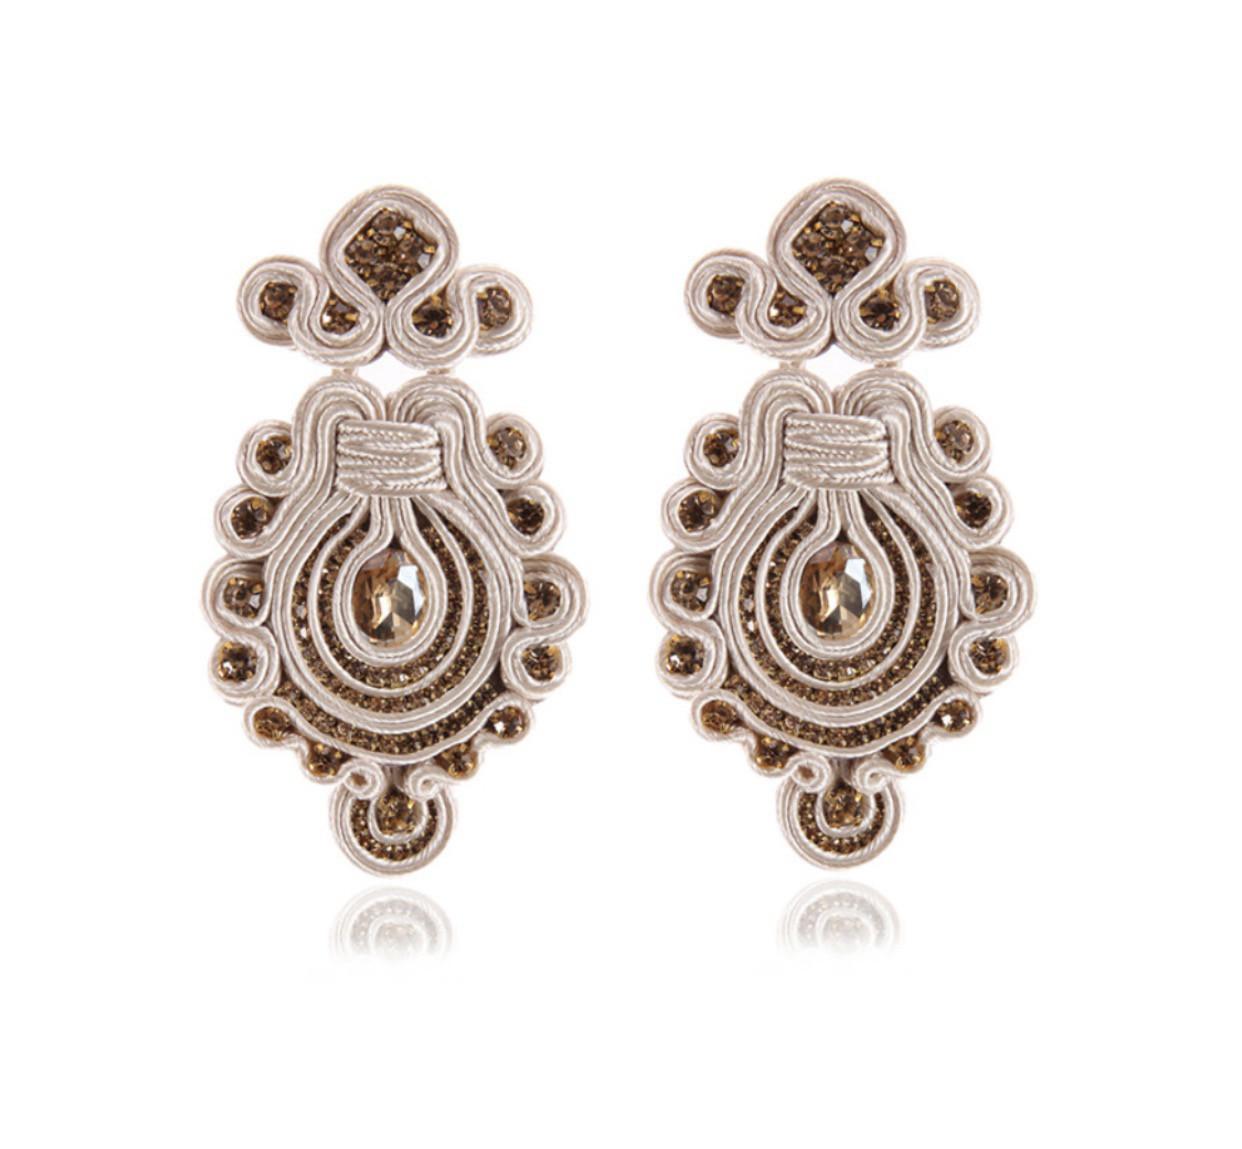 Cynthia earring